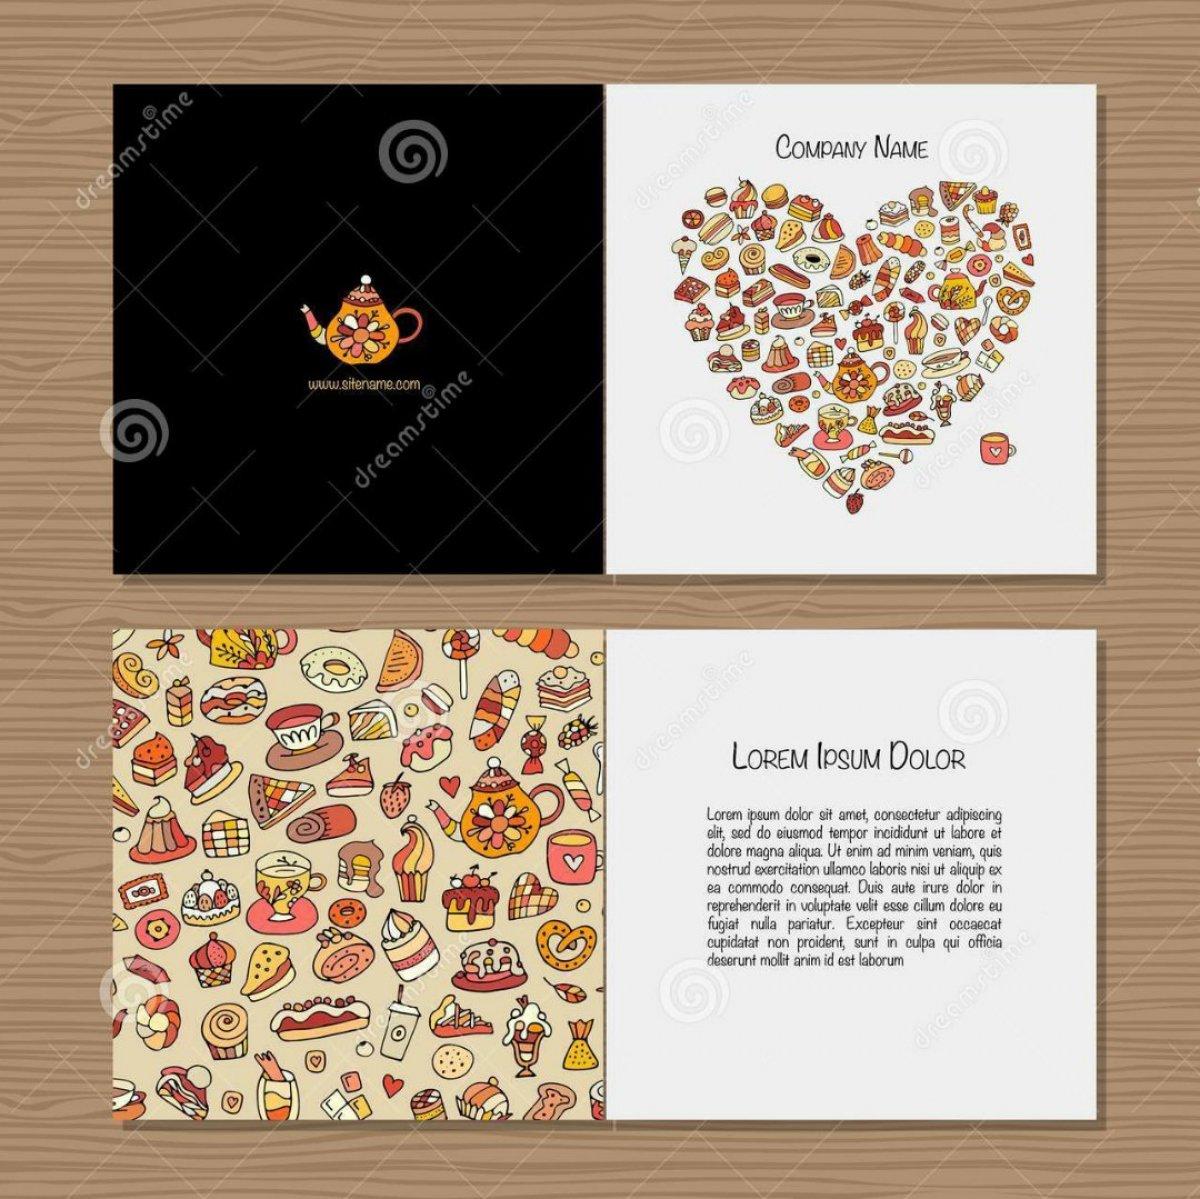 Стартует конкурс на лучший дизайн поздравительных открыток и пригласительных